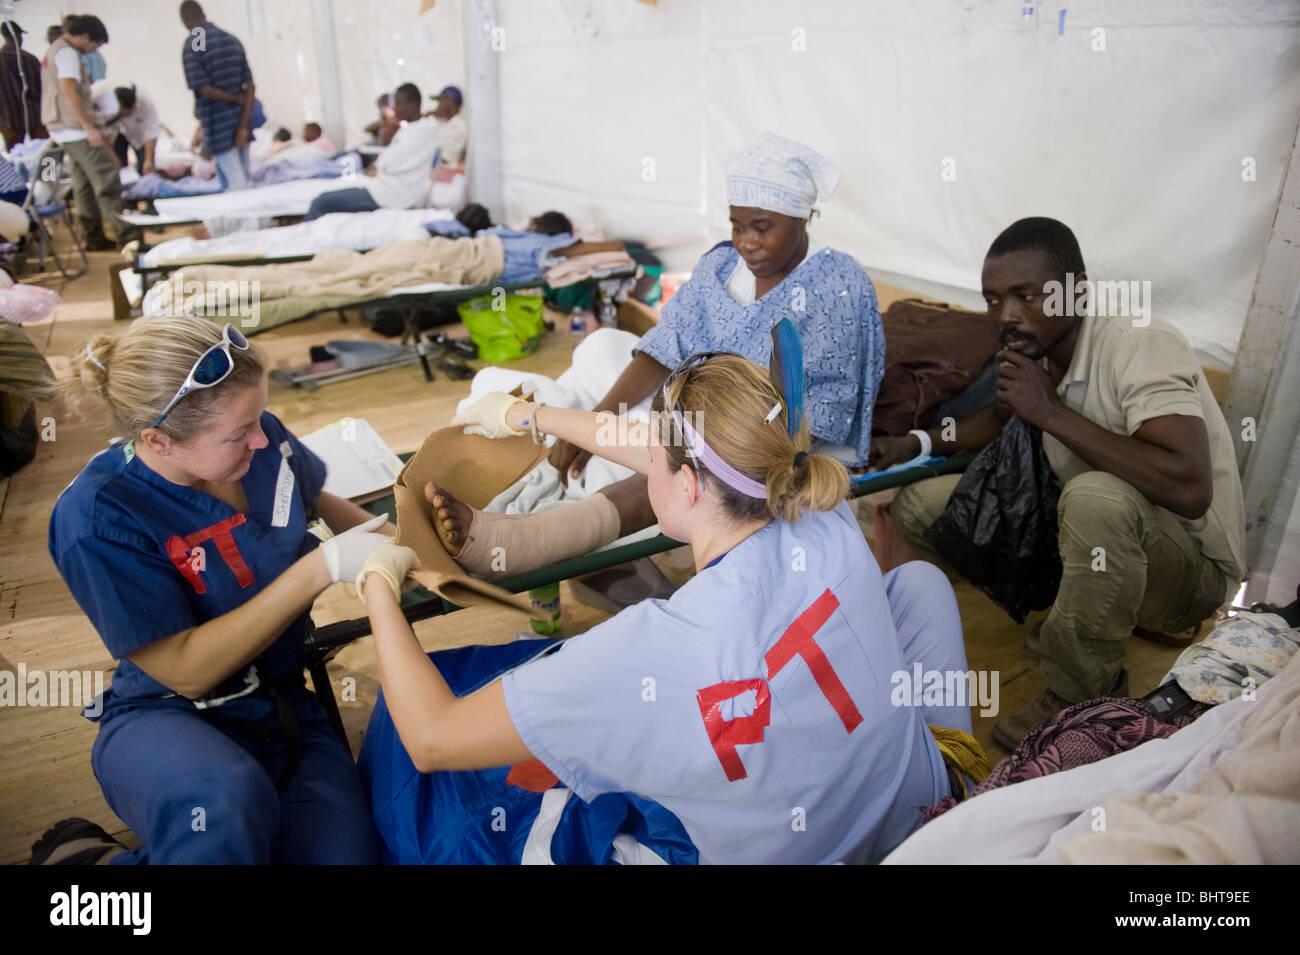 Patienten erhalten medizinischen Versorgung in Miami University Feldlazarett nach einem 7.0 Mw Erdbeben Haiti am Stockbild